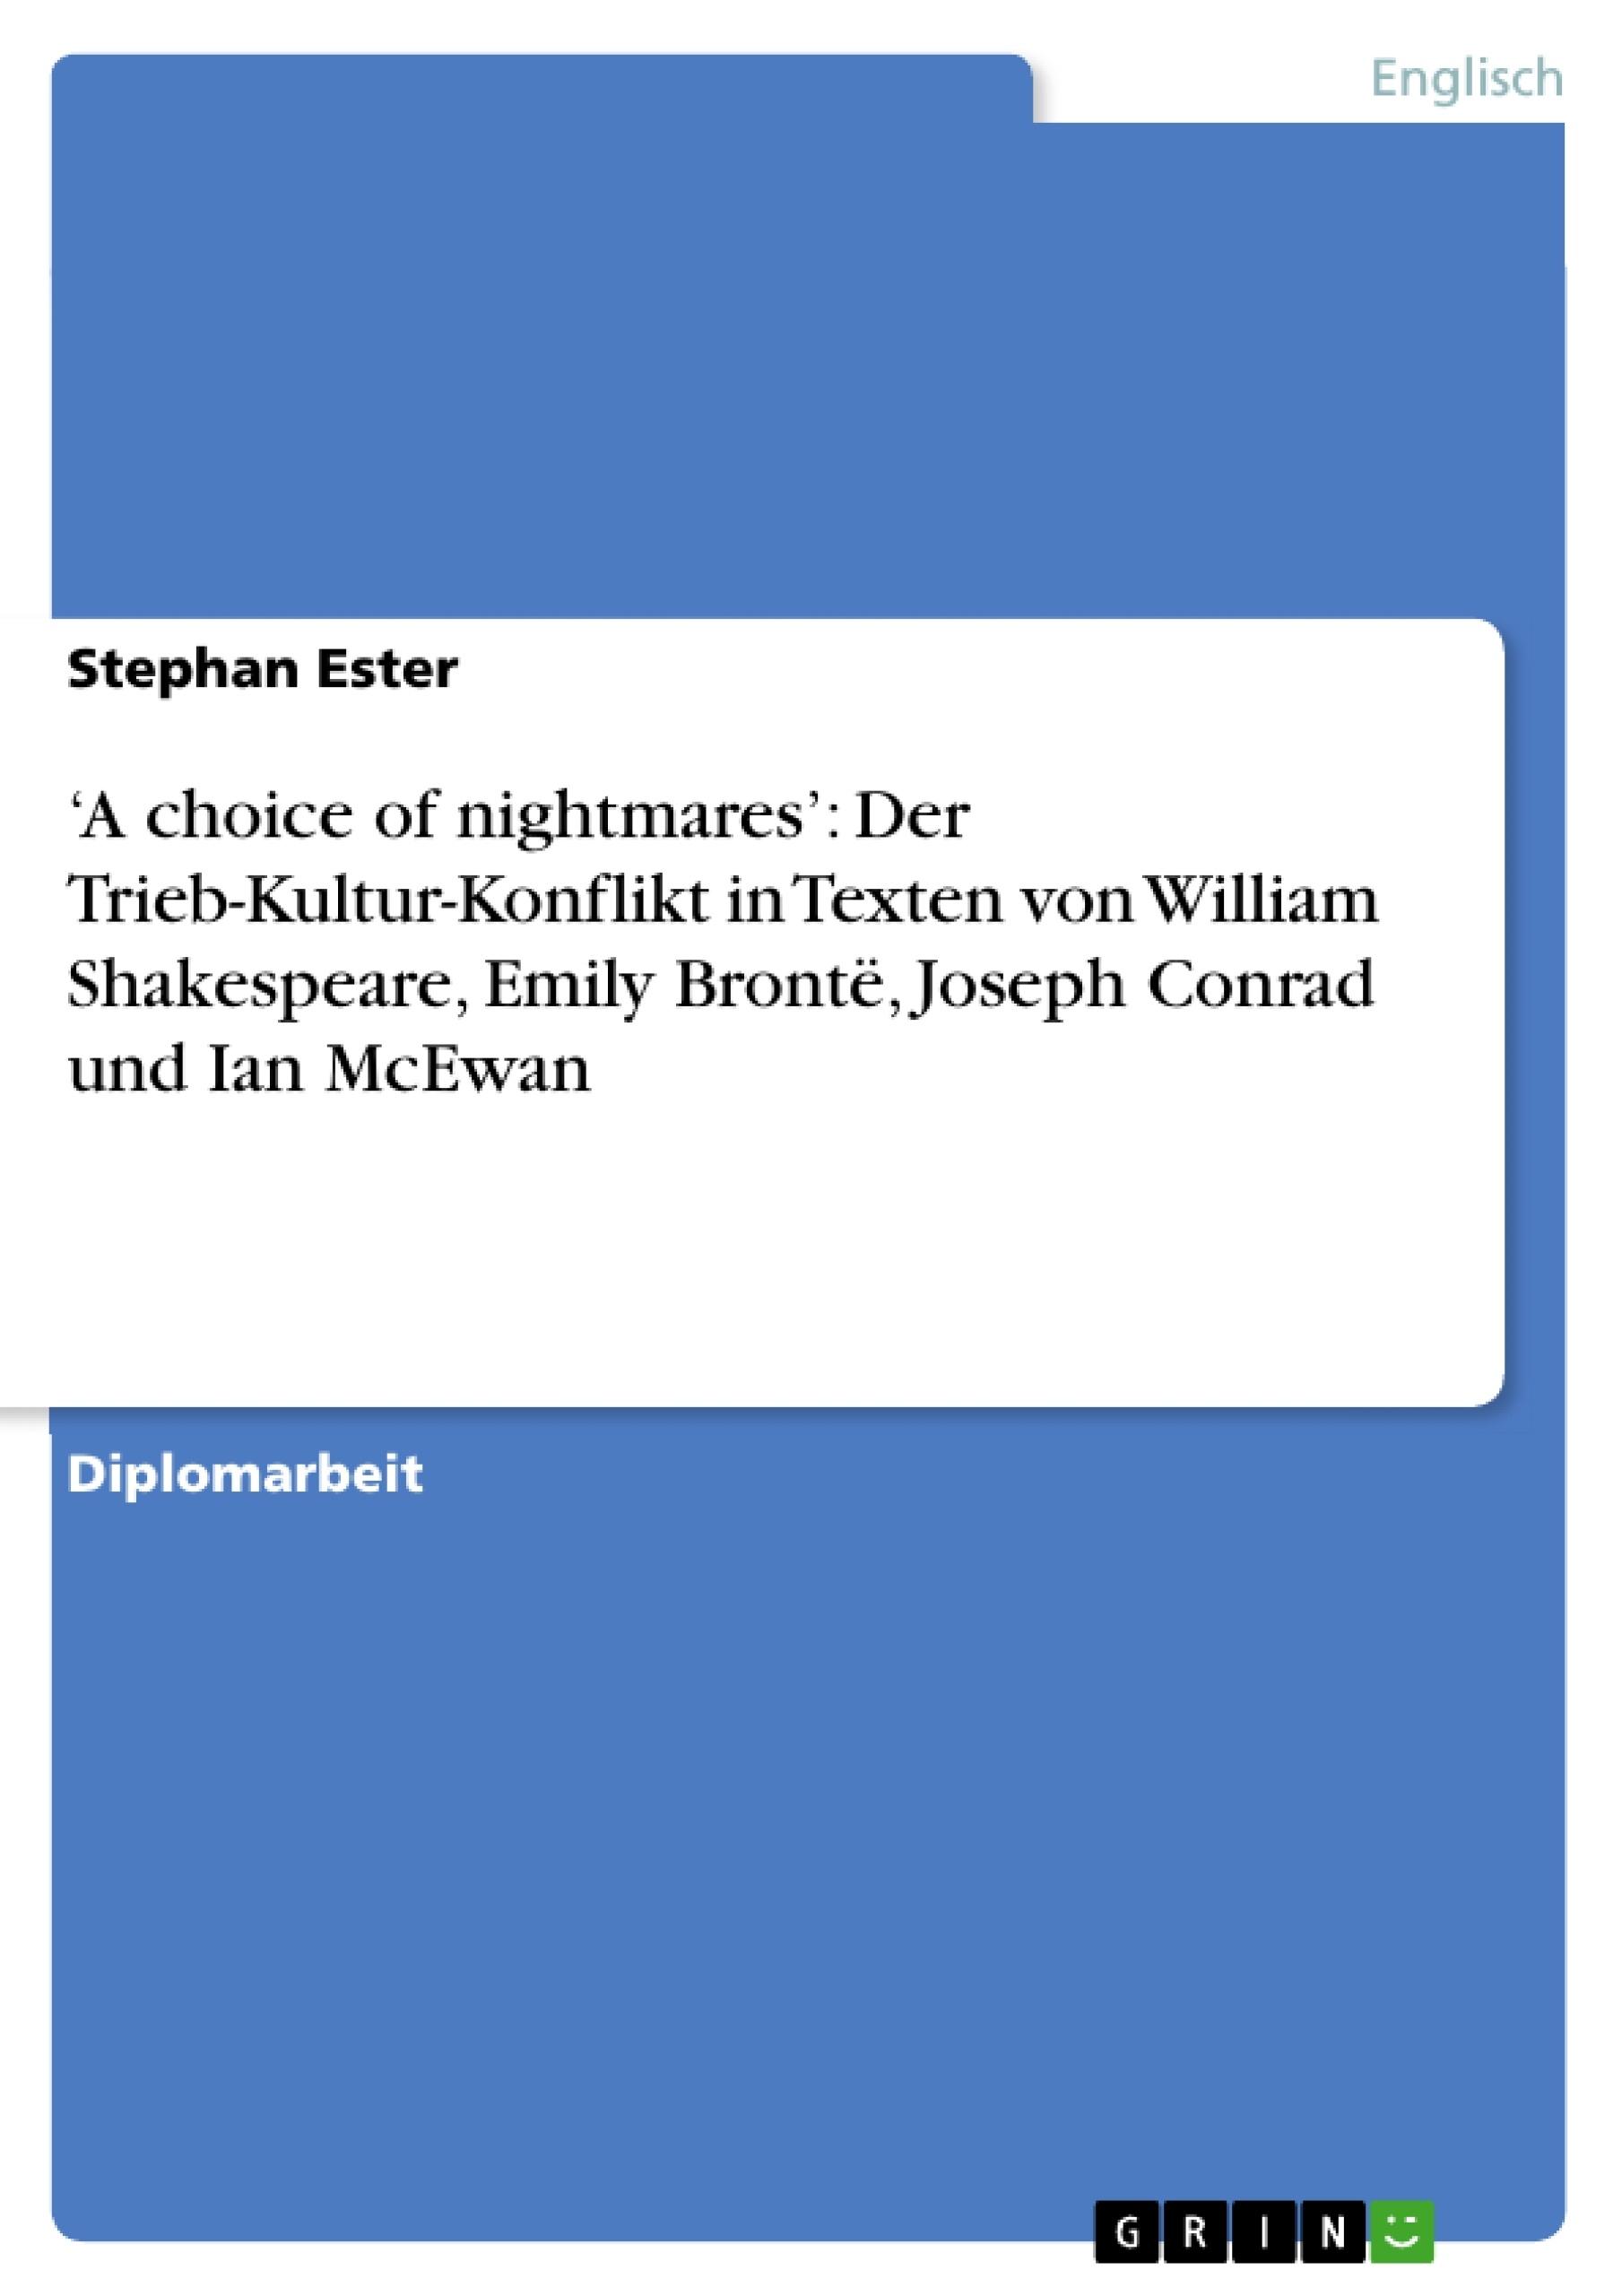 Titel: 'A choice of nightmares': Der Trieb-Kultur-Konflikt in Texten von William Shakespeare, Emily Brontë, Joseph Conrad und Ian McEwan